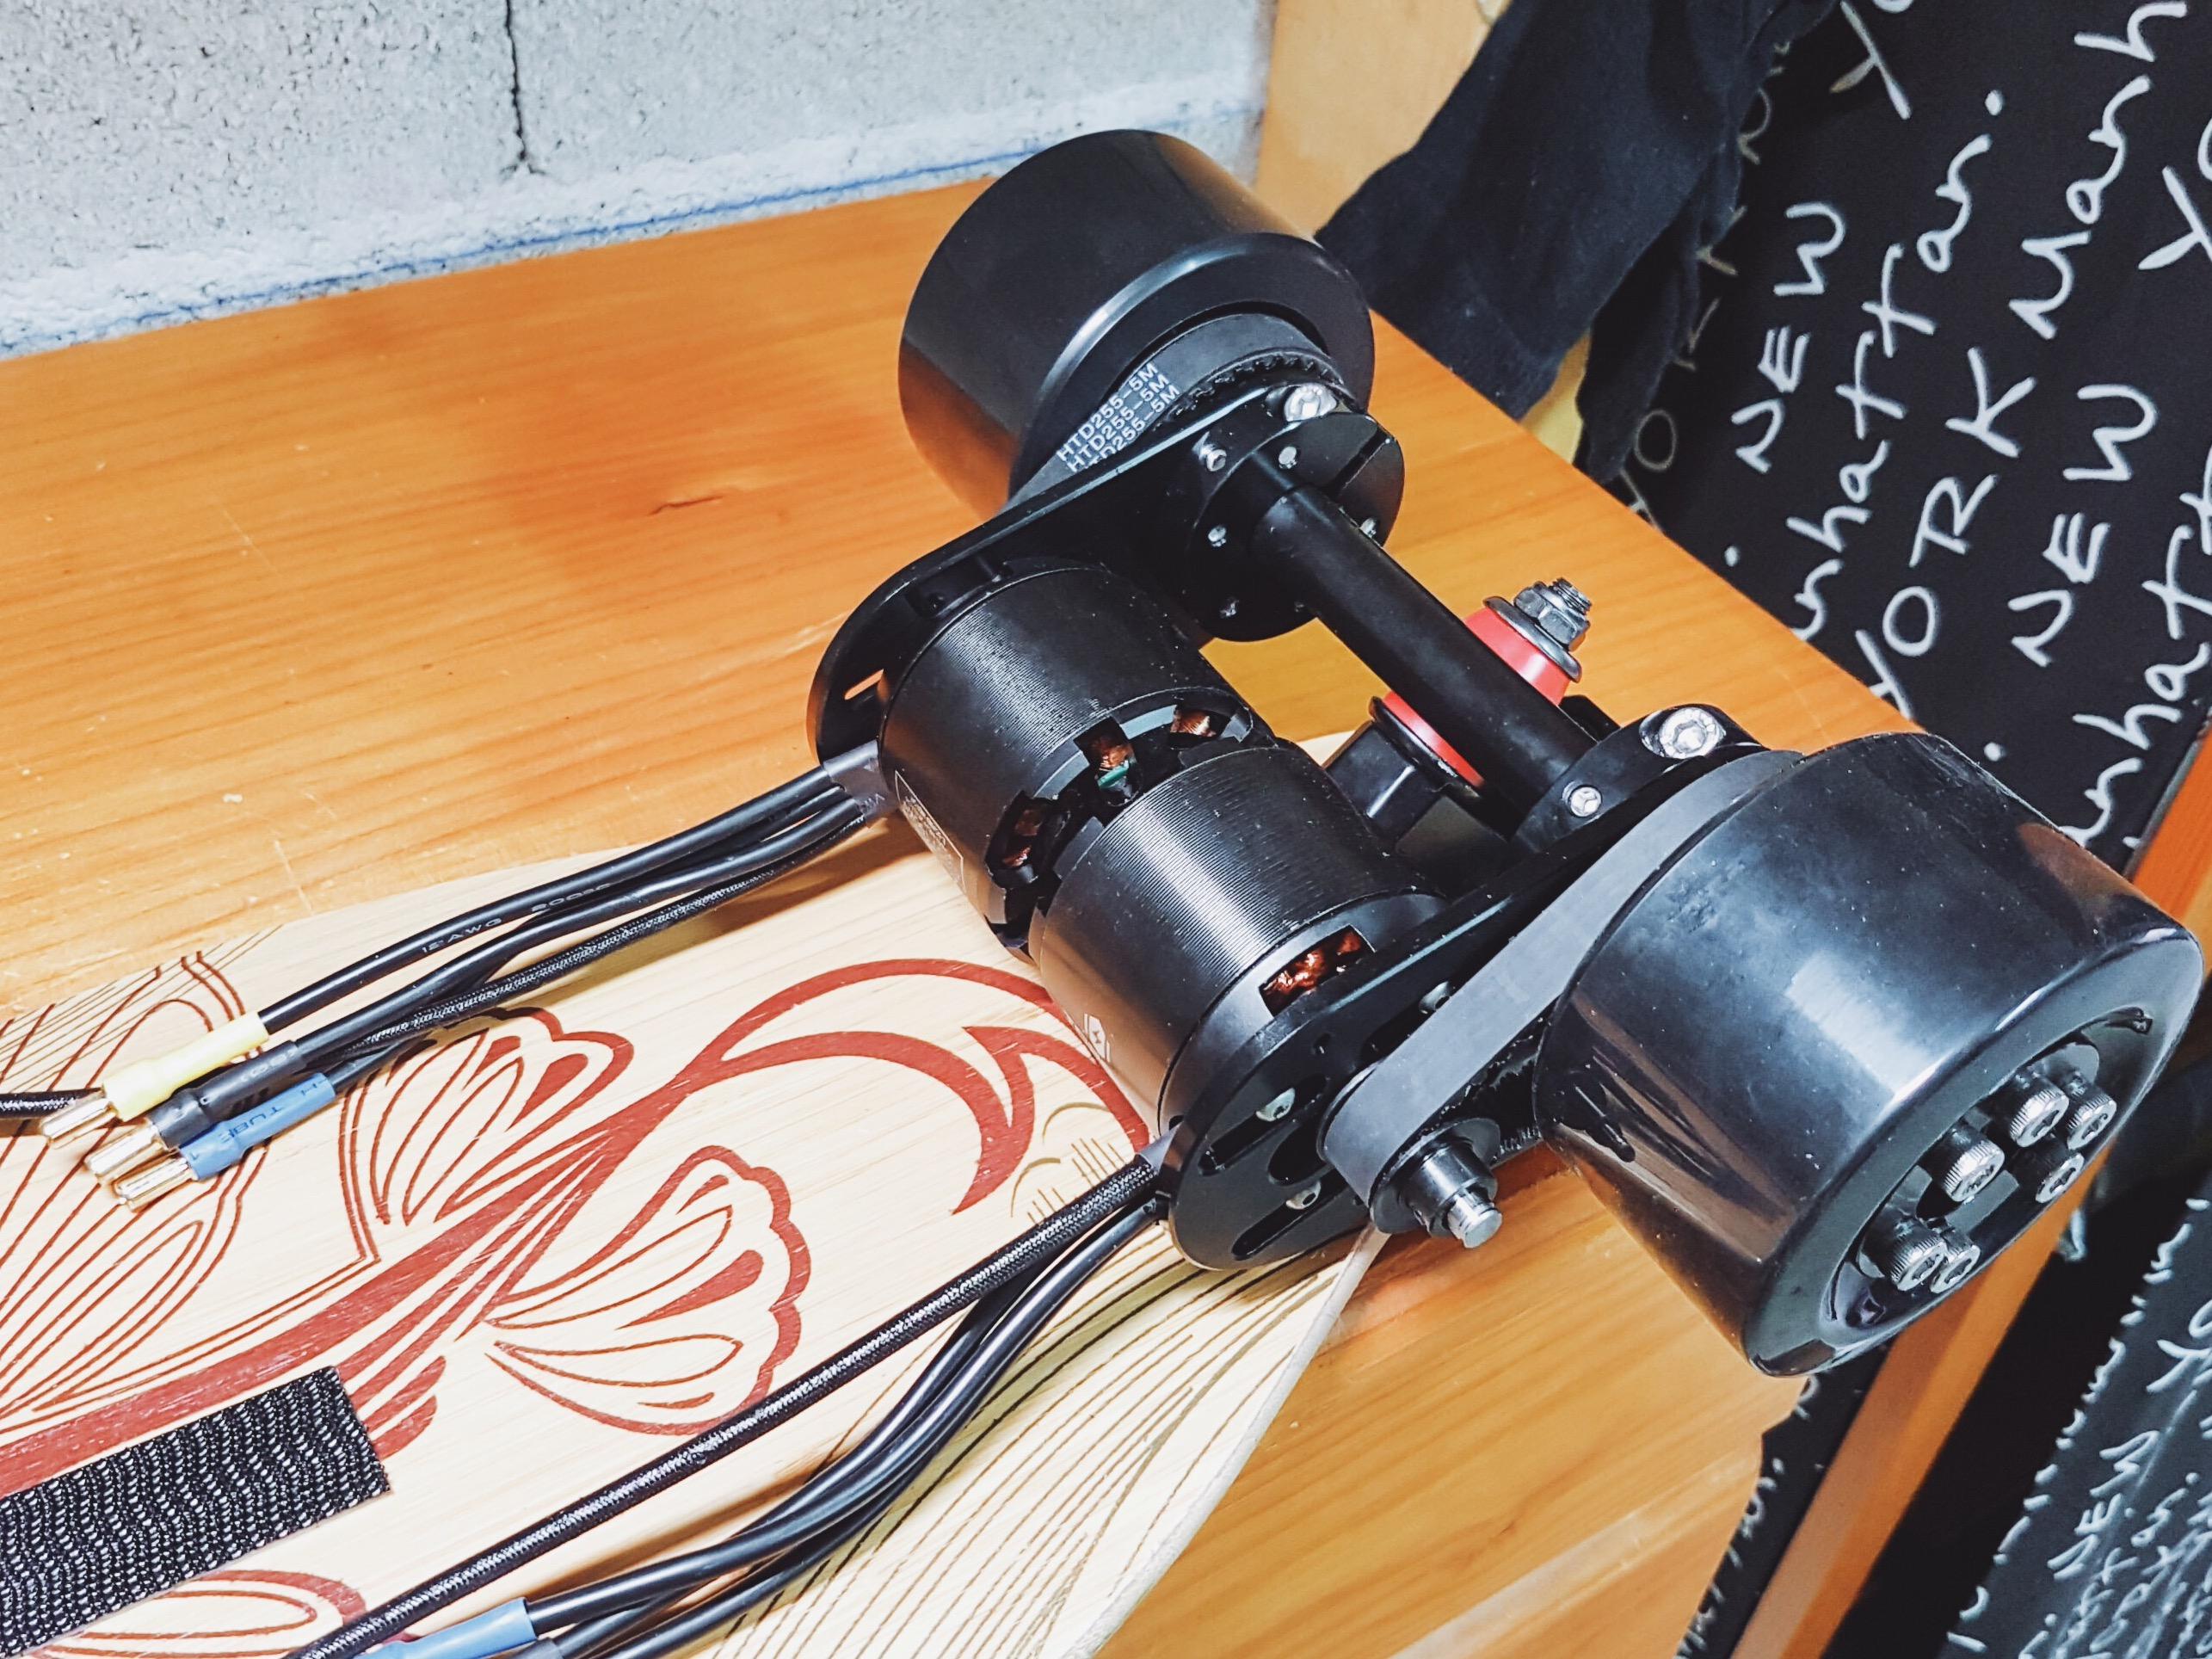 (Tuto 2) Construire son skate électrique : assemblage & réglages